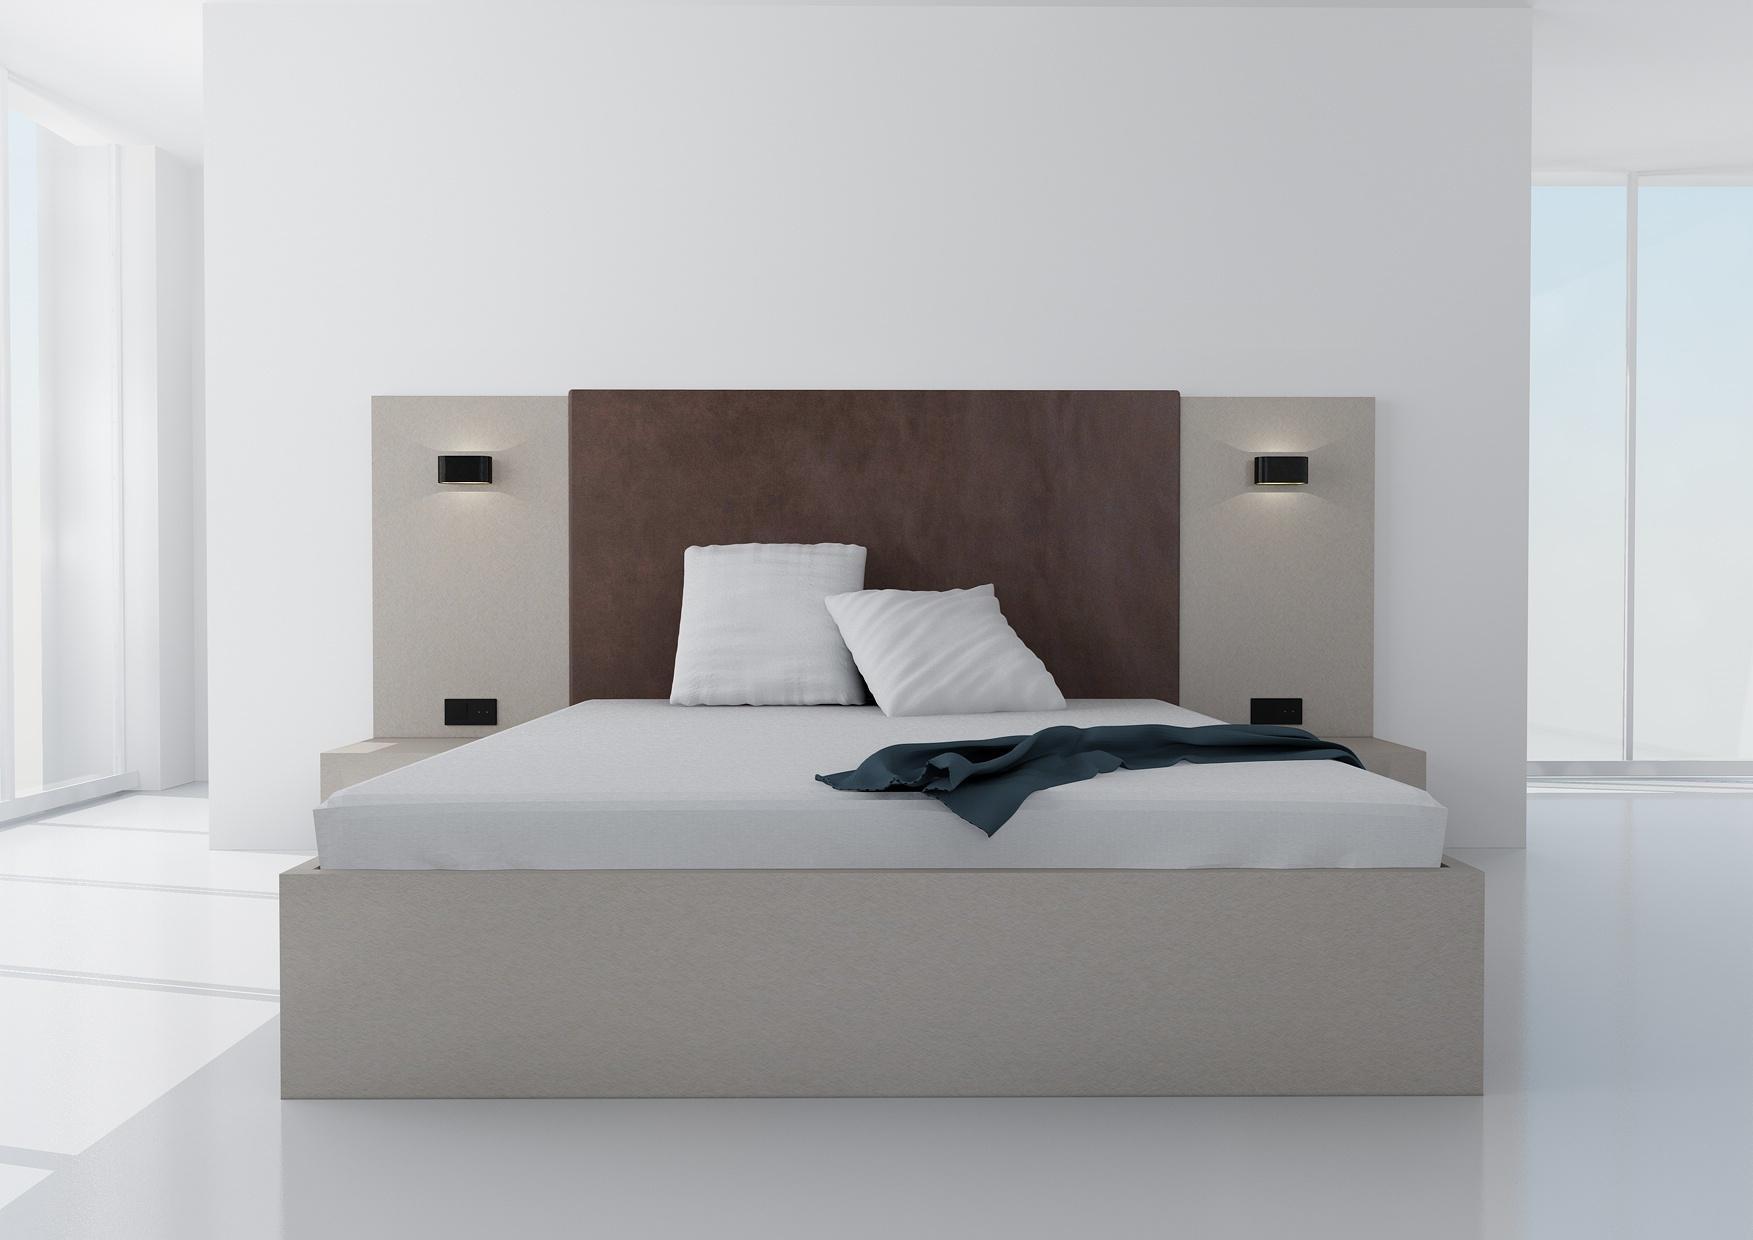 Manželská posteľ Koncepto, Idea Renio, čokoládovohnedé čalúnenie, nočné stolíky, svietidlá a zásuvky